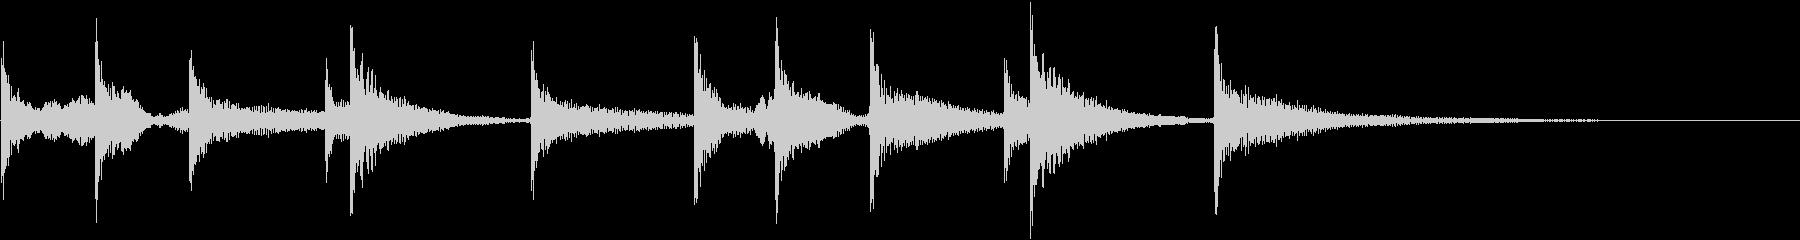 ティンパニ:ロングボーイアクセント...の未再生の波形